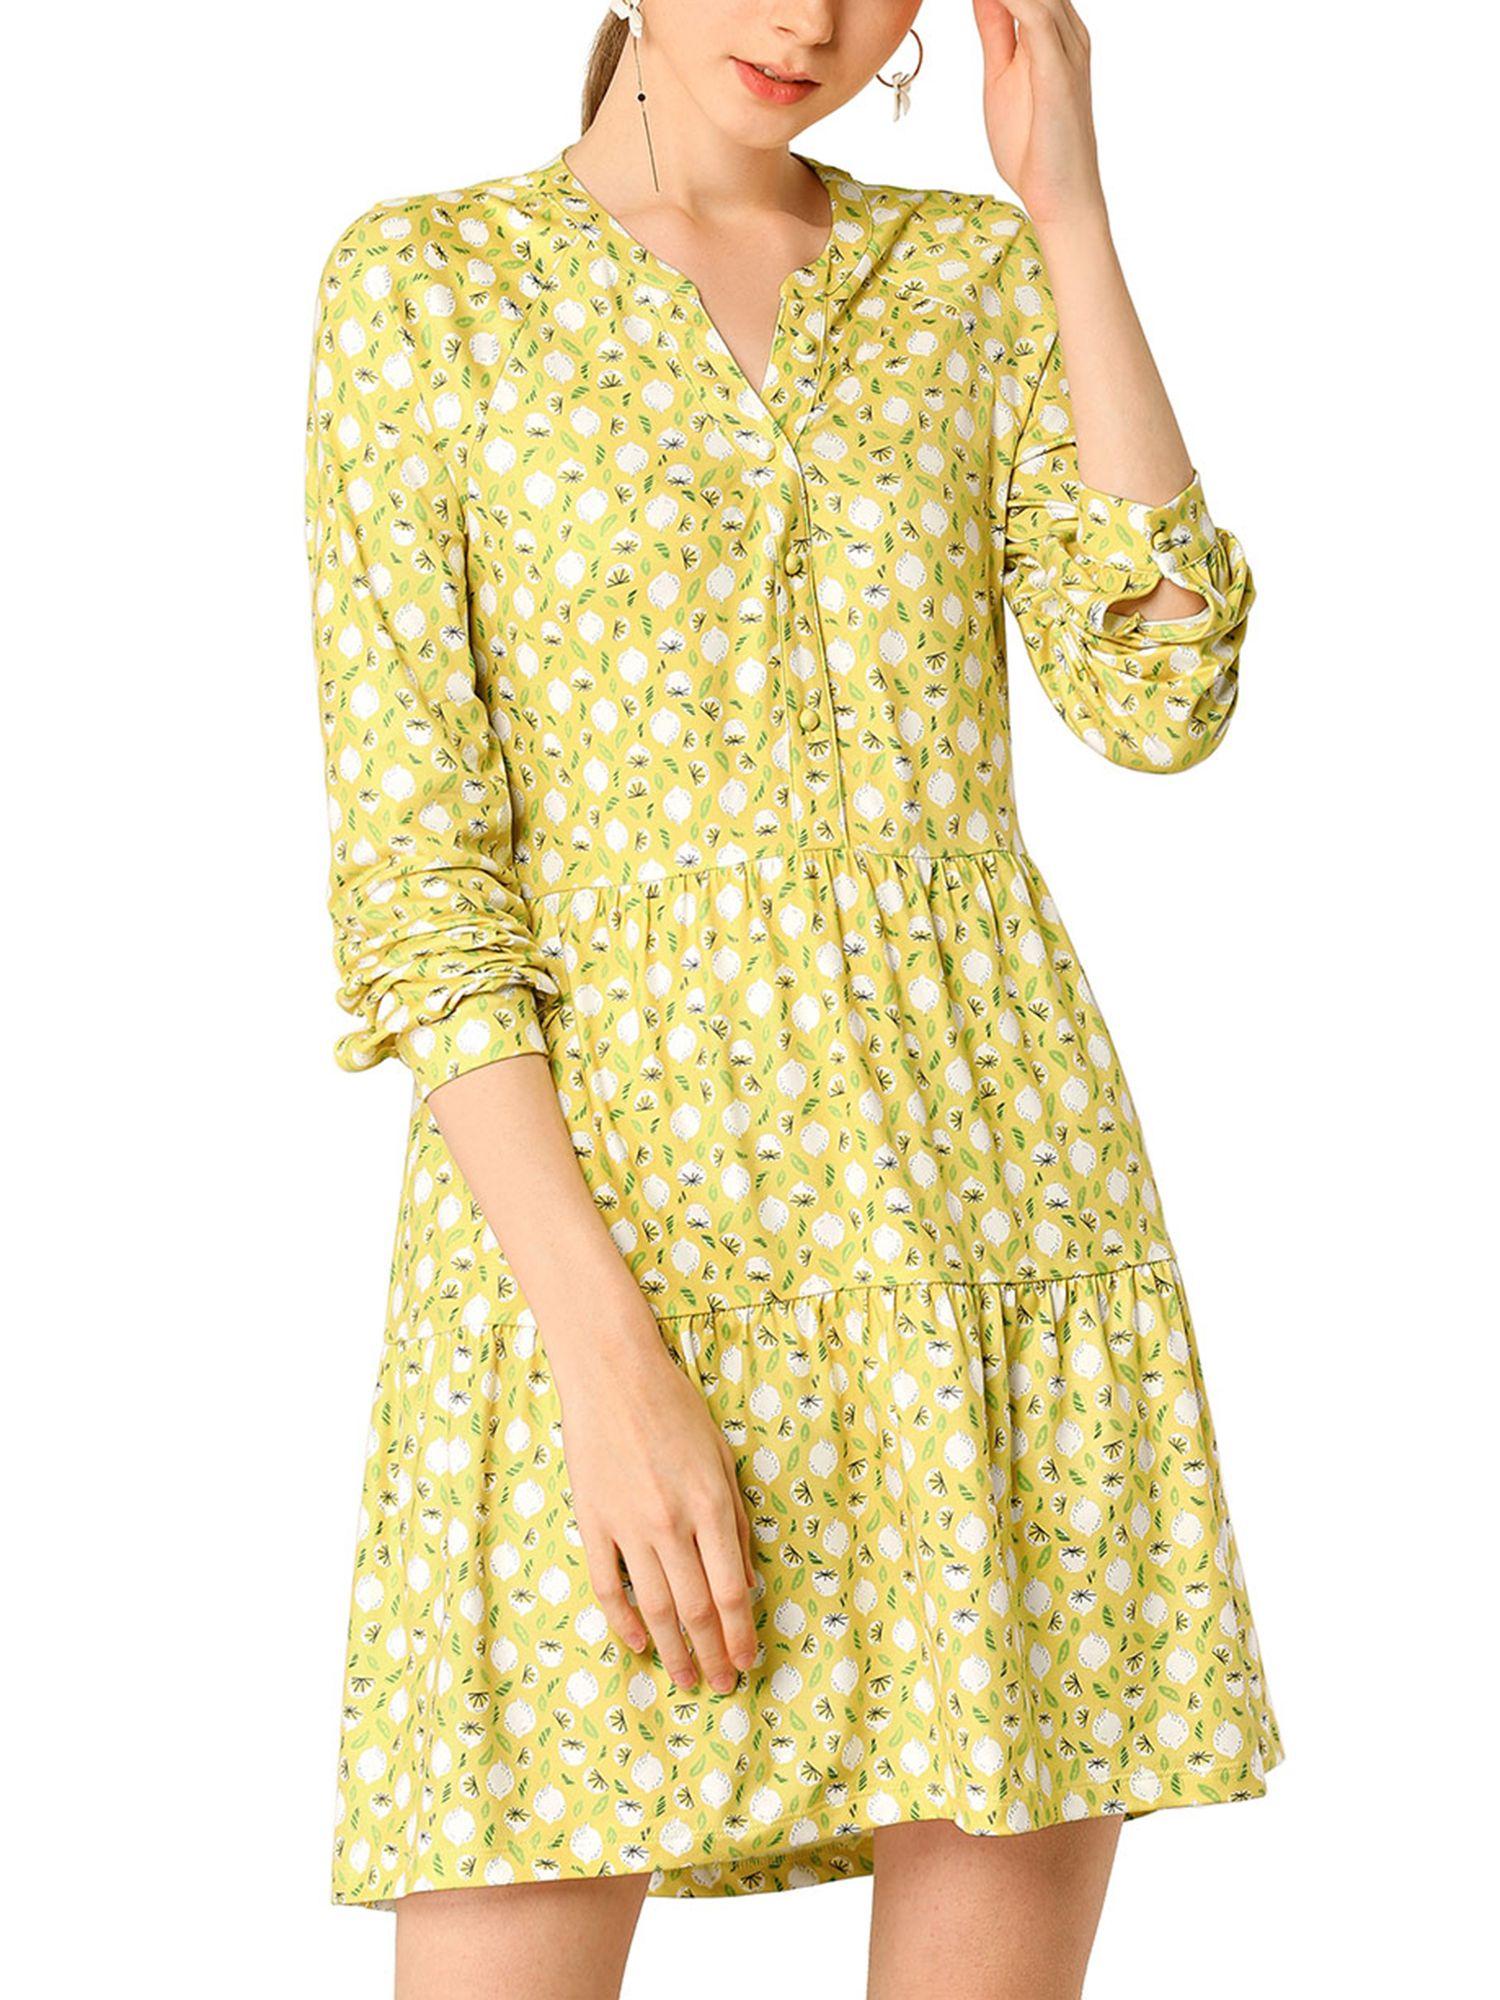 Unique Bargains Unique Bargains Women S Floral V Neck Cinched Waist Long Sleeve Dress Walmart Com Long Sleeve Dress Dresses Womens Dresses [ 2000 x 1500 Pixel ]